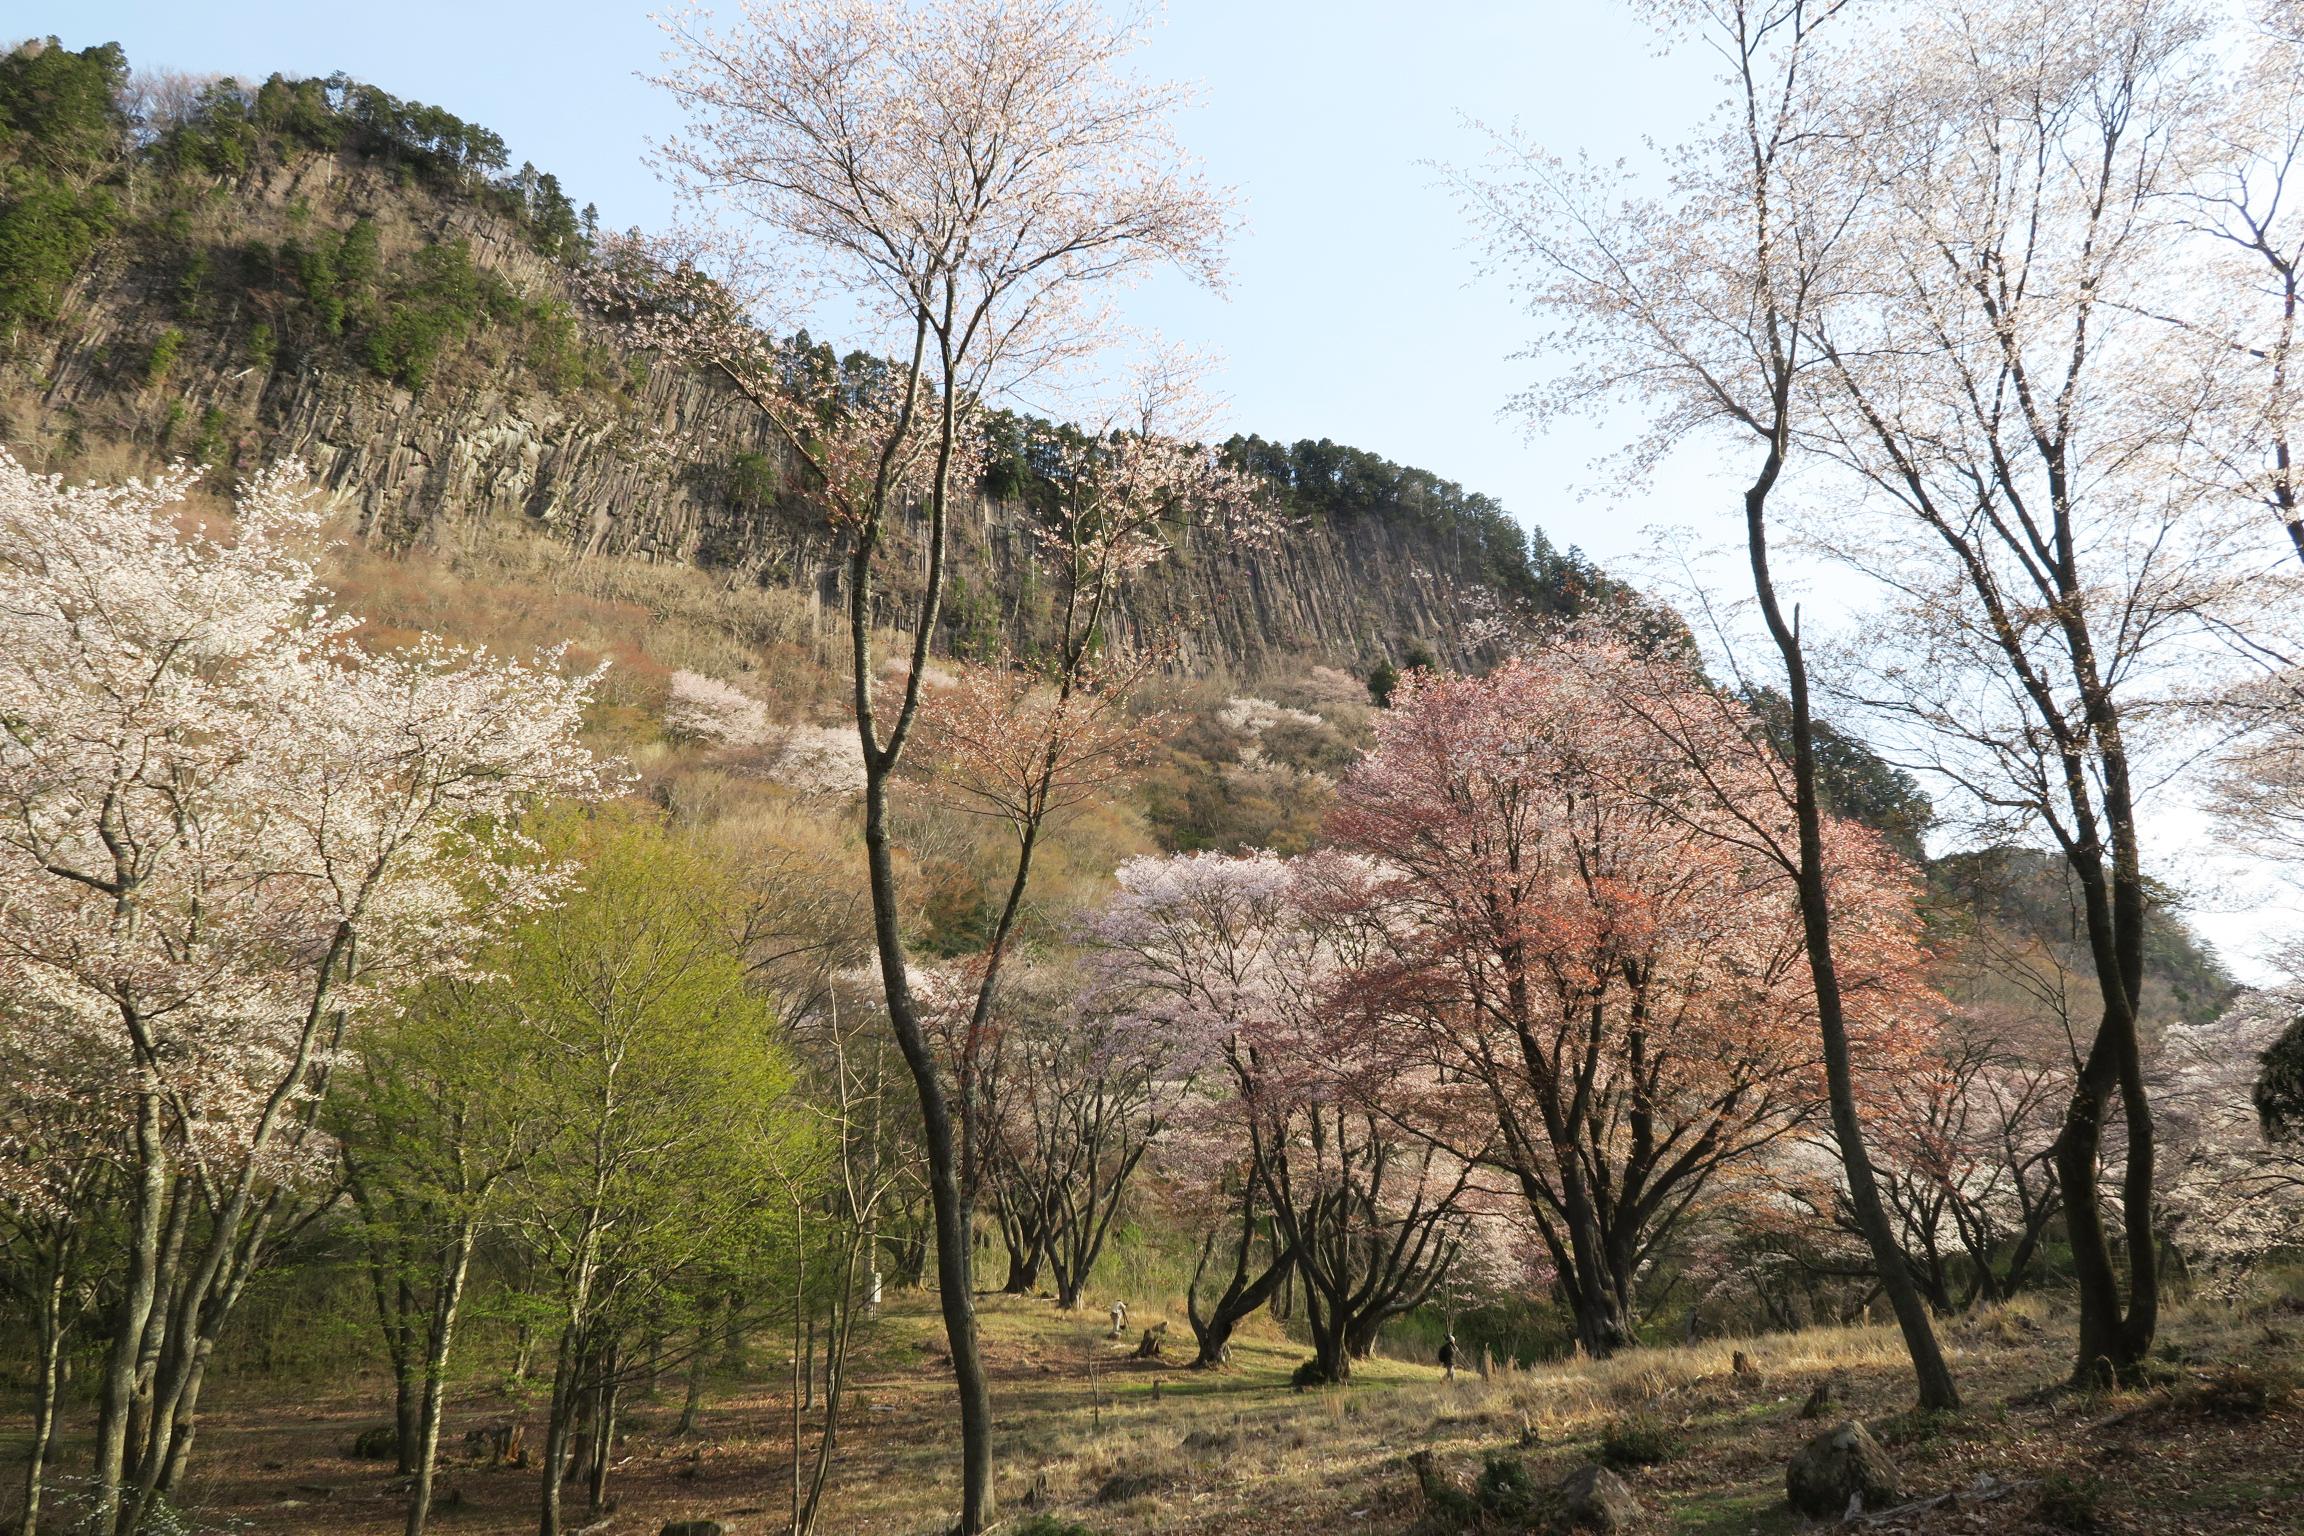 約300本の大木に桜が咲く姿は、他では味わえない風景です。